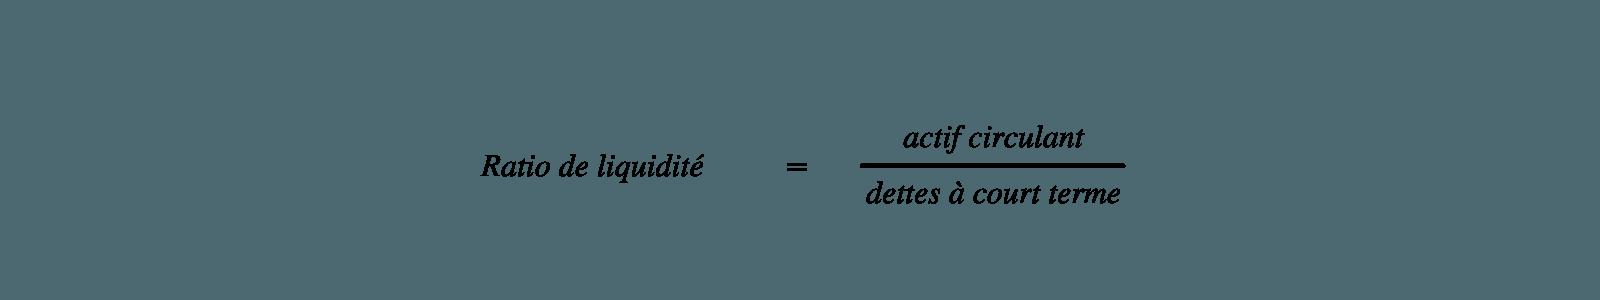 Calcul du ratio de liquidité dans le cadre de l'analyse financière de l'entreprise